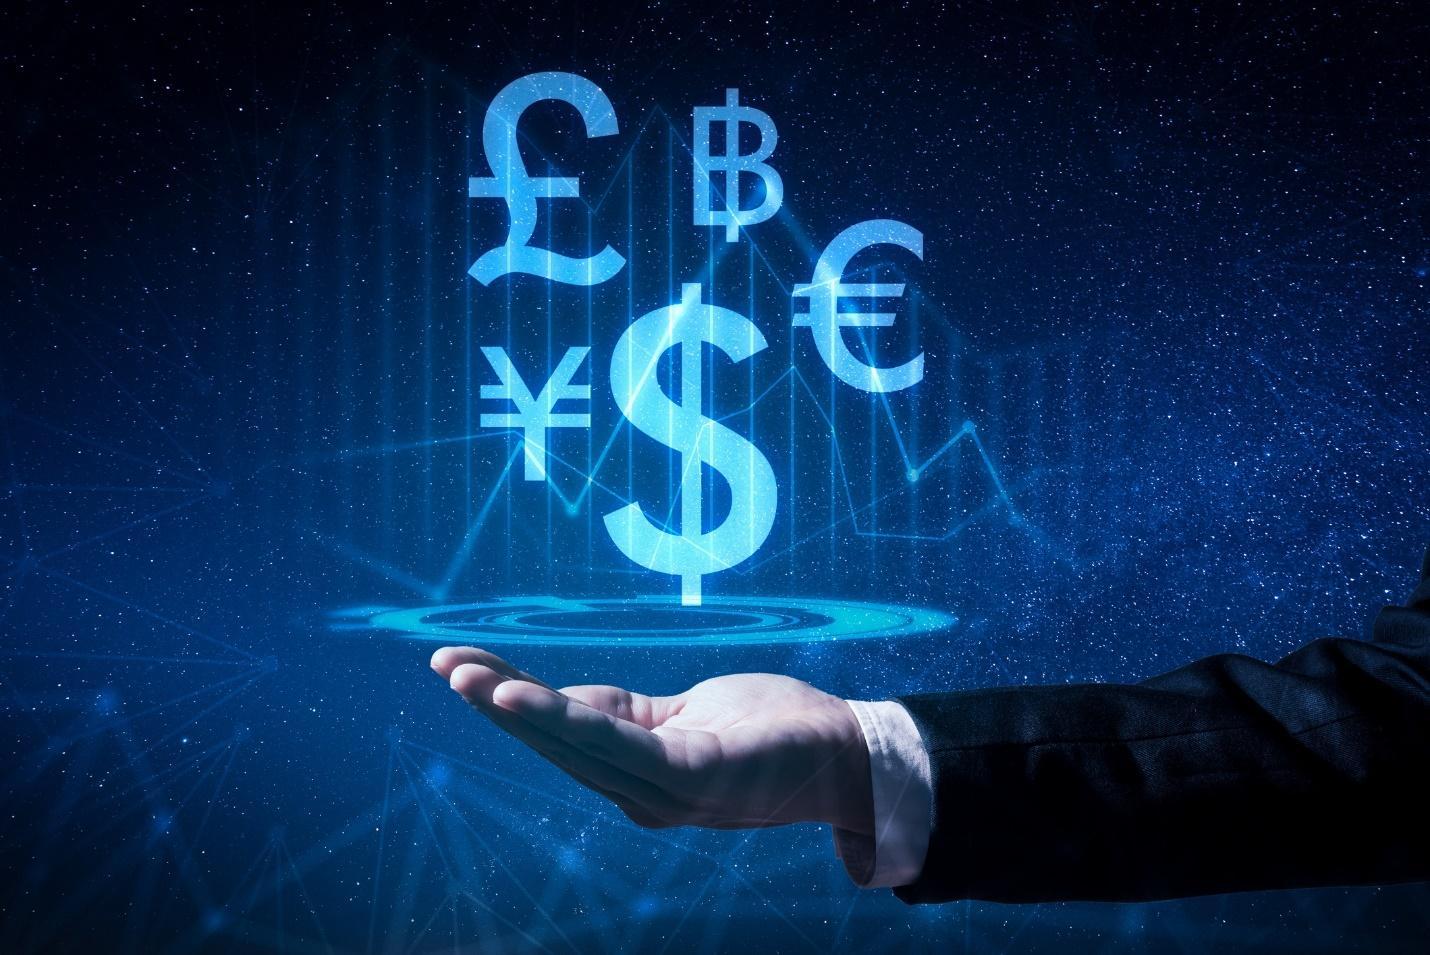 Luật nạp rút tiền khi đầu tư forex mà bạn nên biết